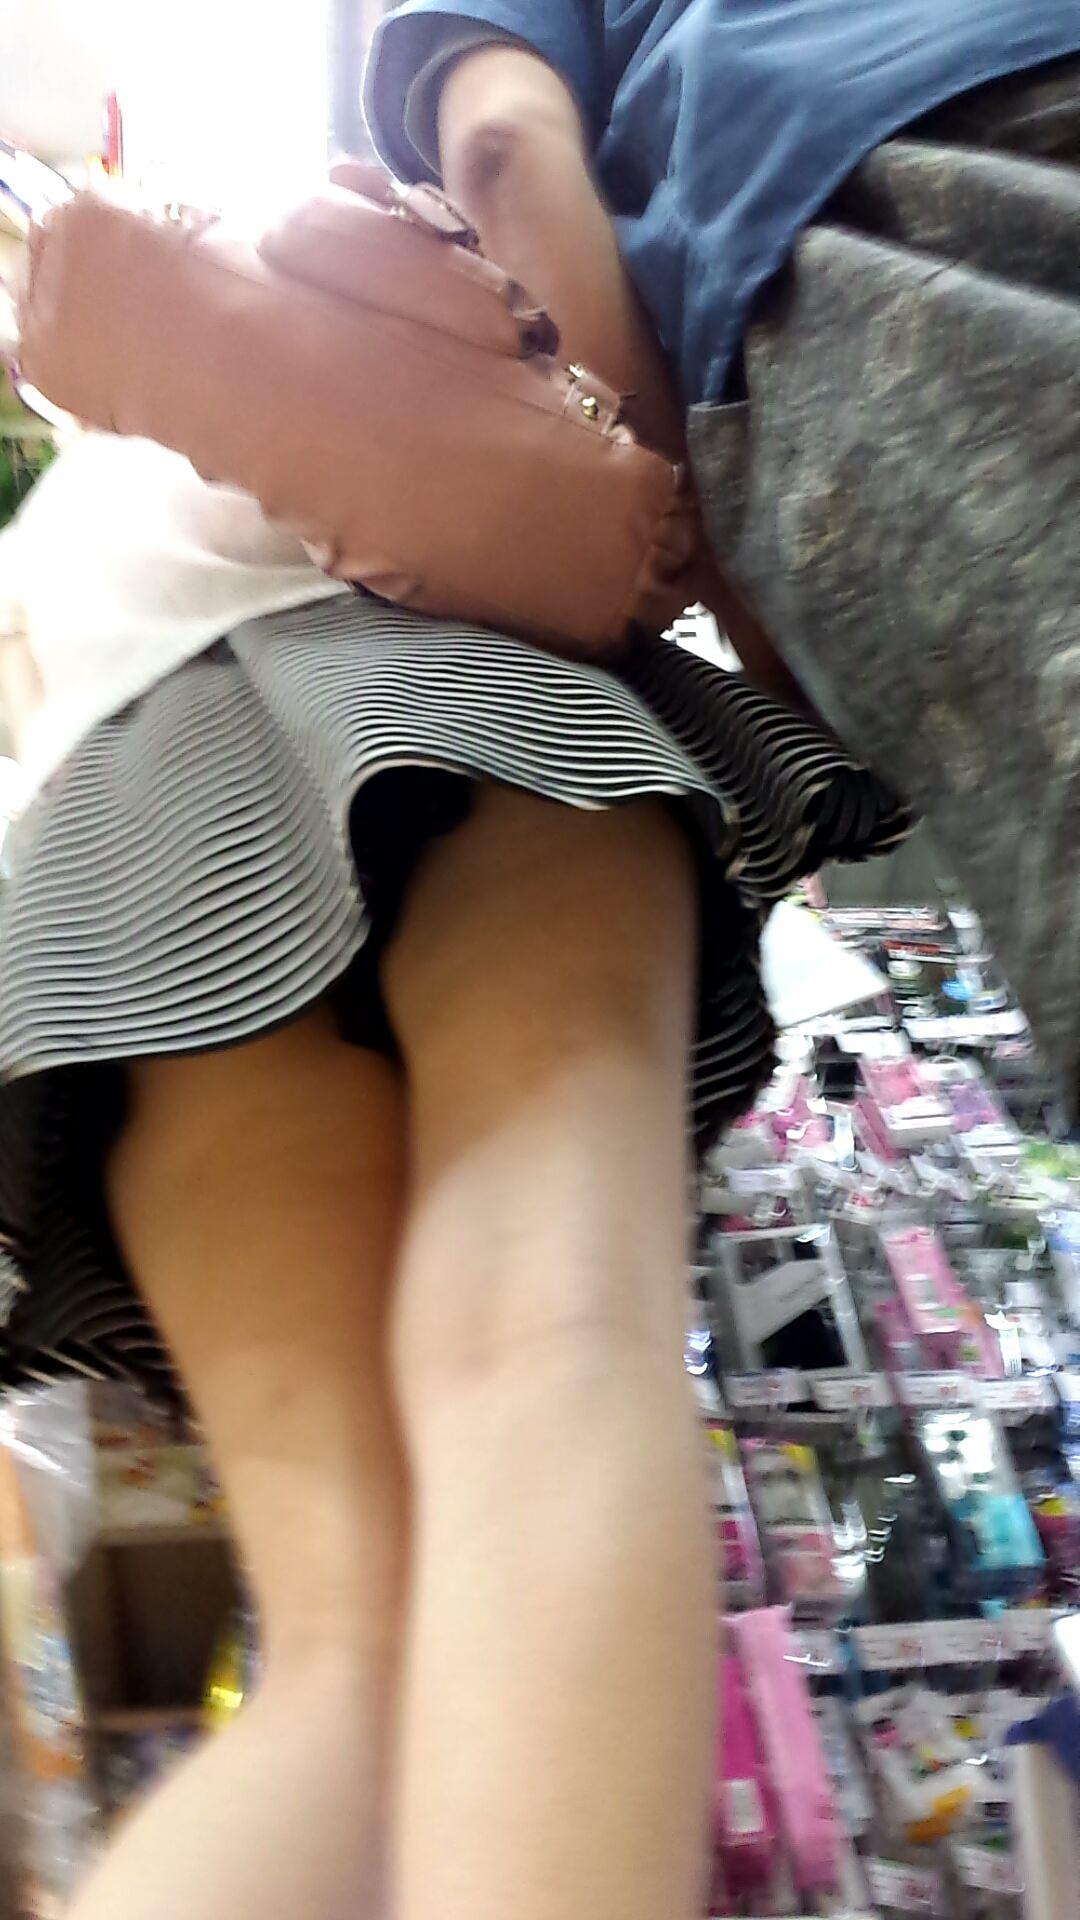 露出高めで気が強い素人娘が多いドン◯ホーテで撮影したパンチラ画像!!! 21271